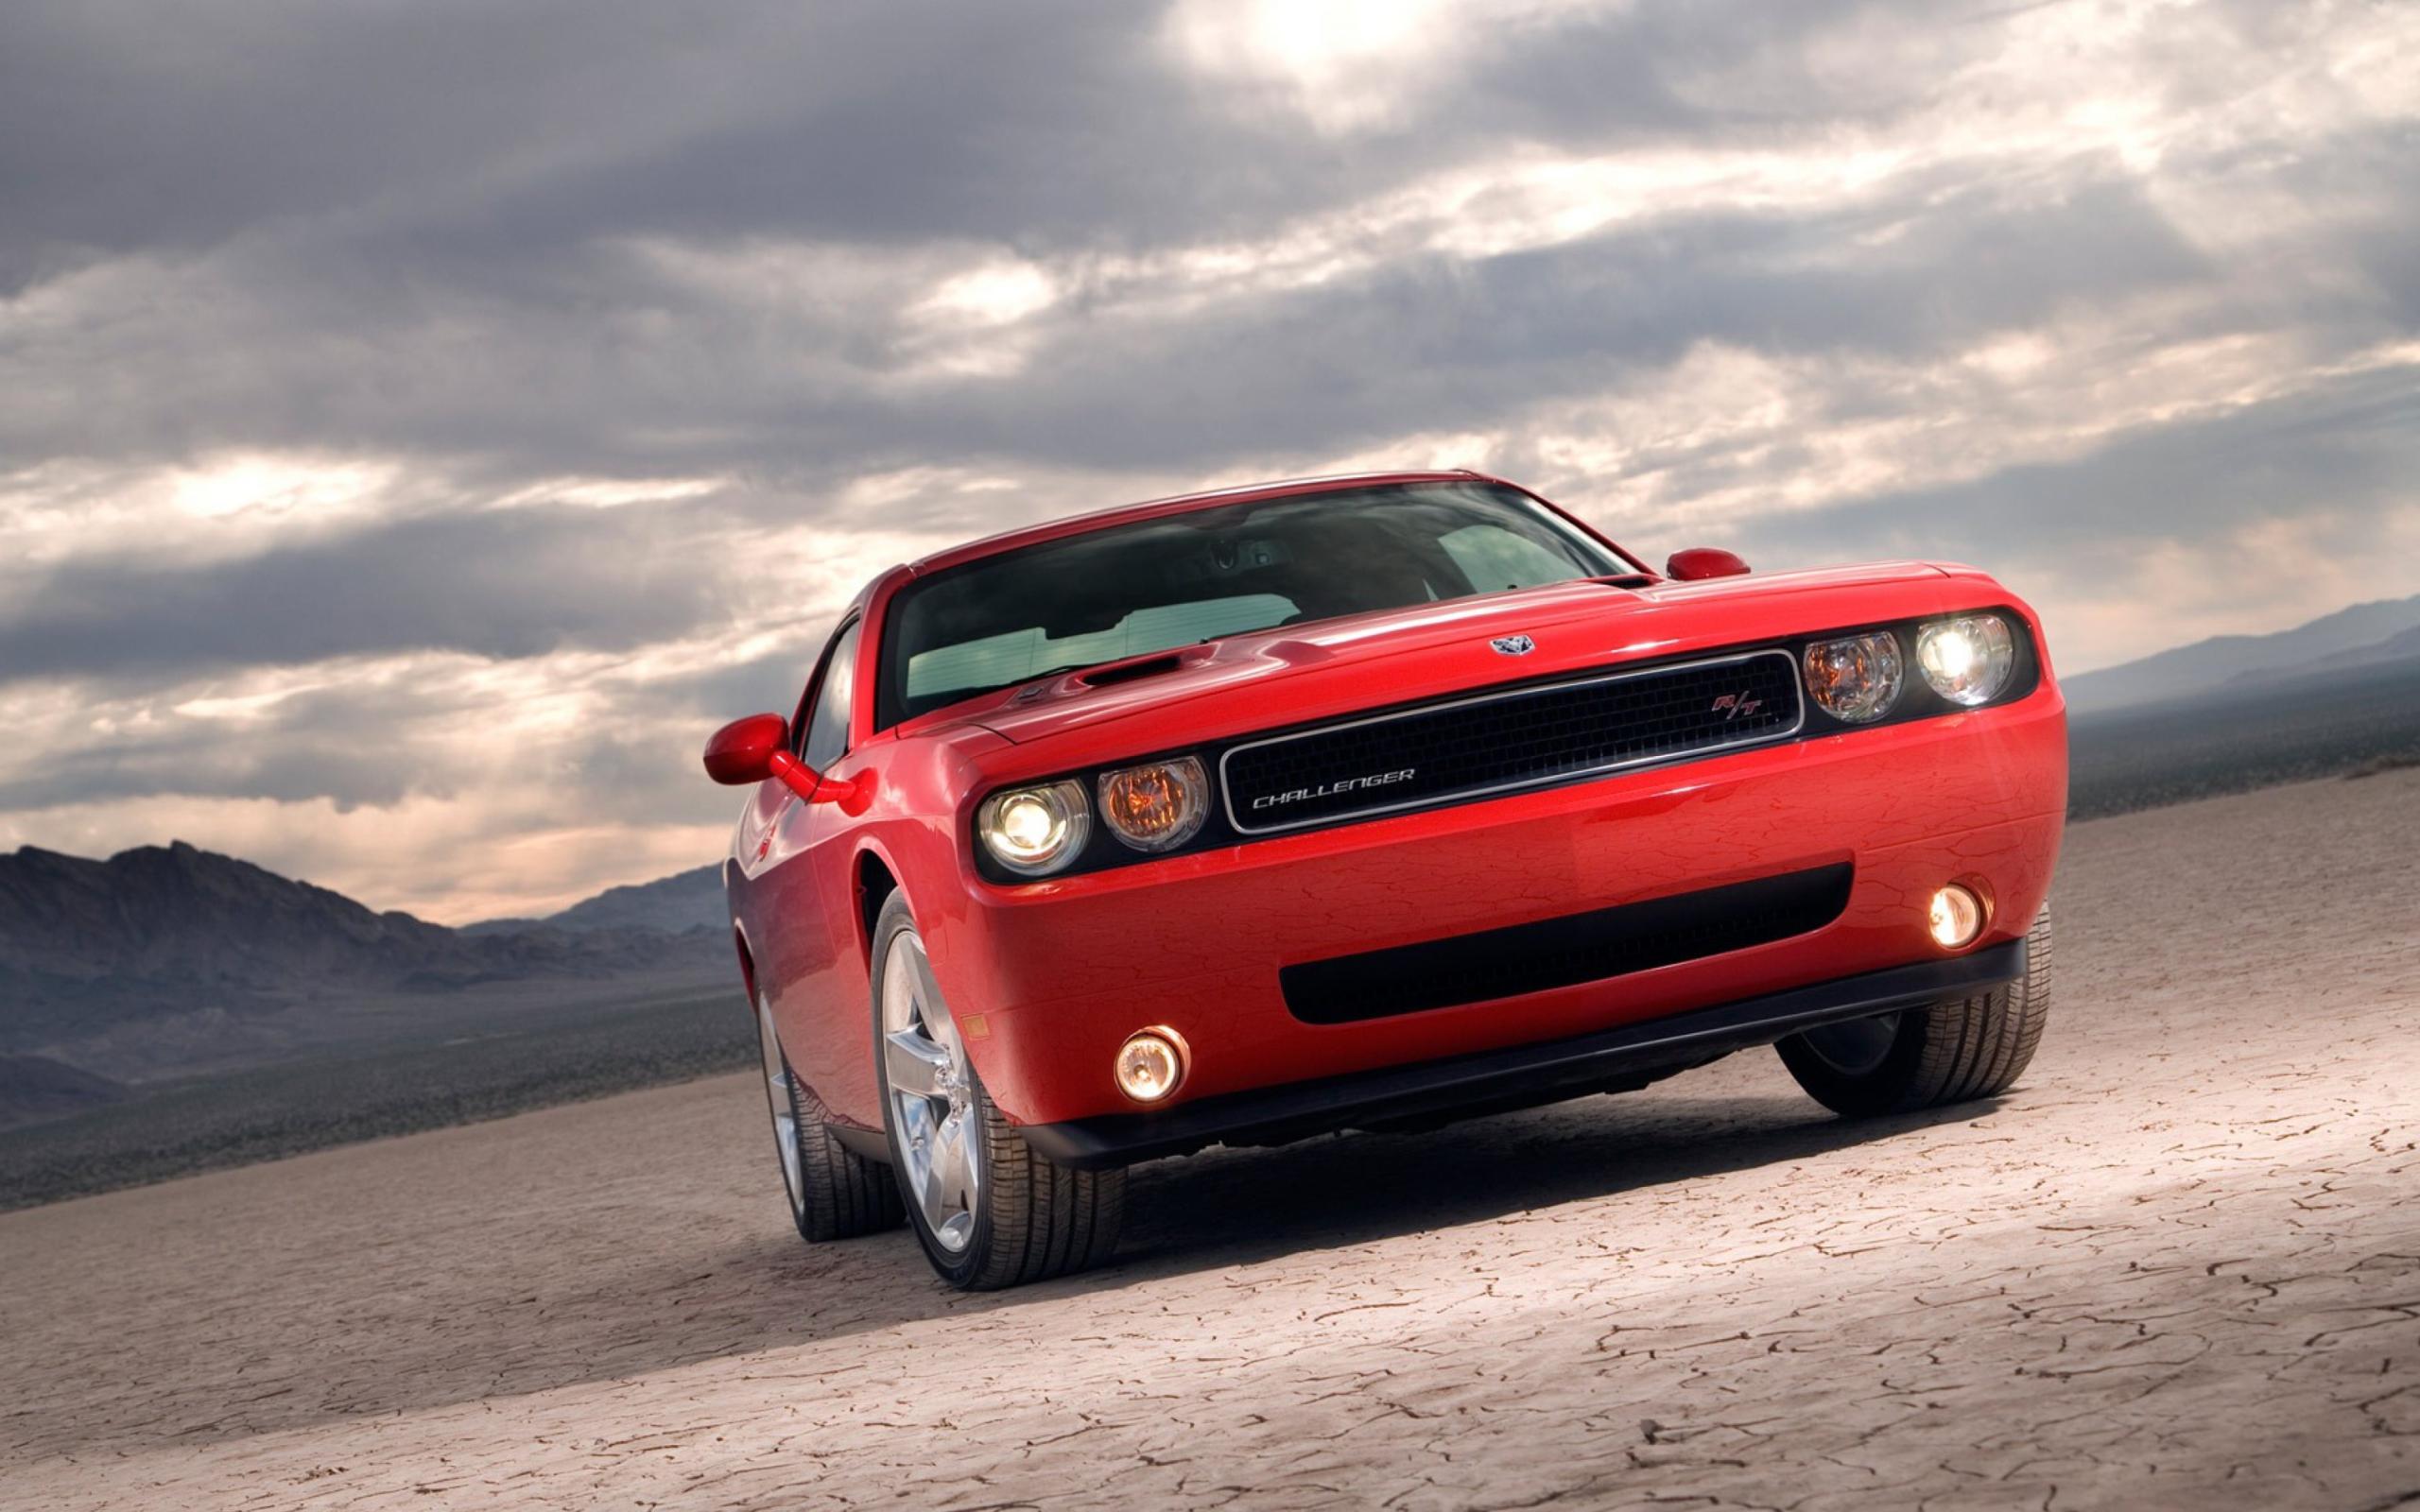 красный спортивный автомобиль Dodge Challenger red sports car  № 728323 без смс